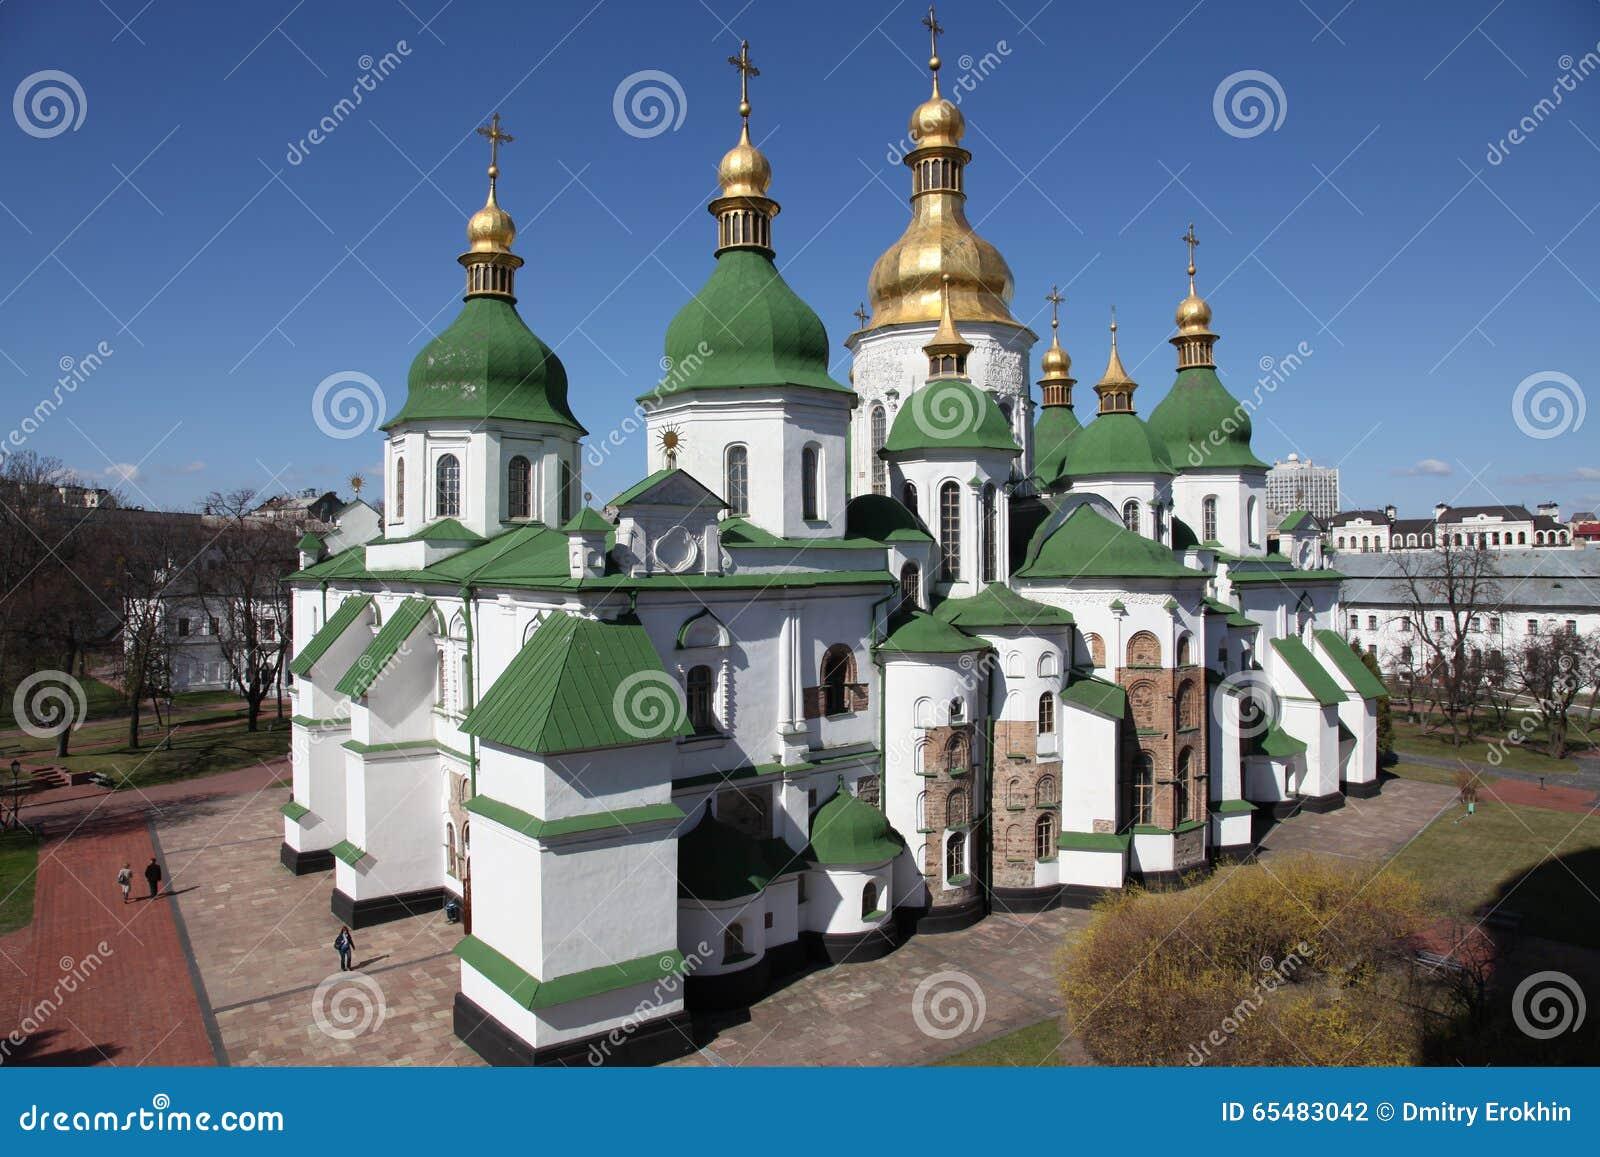 Ukraine. Kiev.Ukraine. Saint Sophias Cathedral. Bell tower